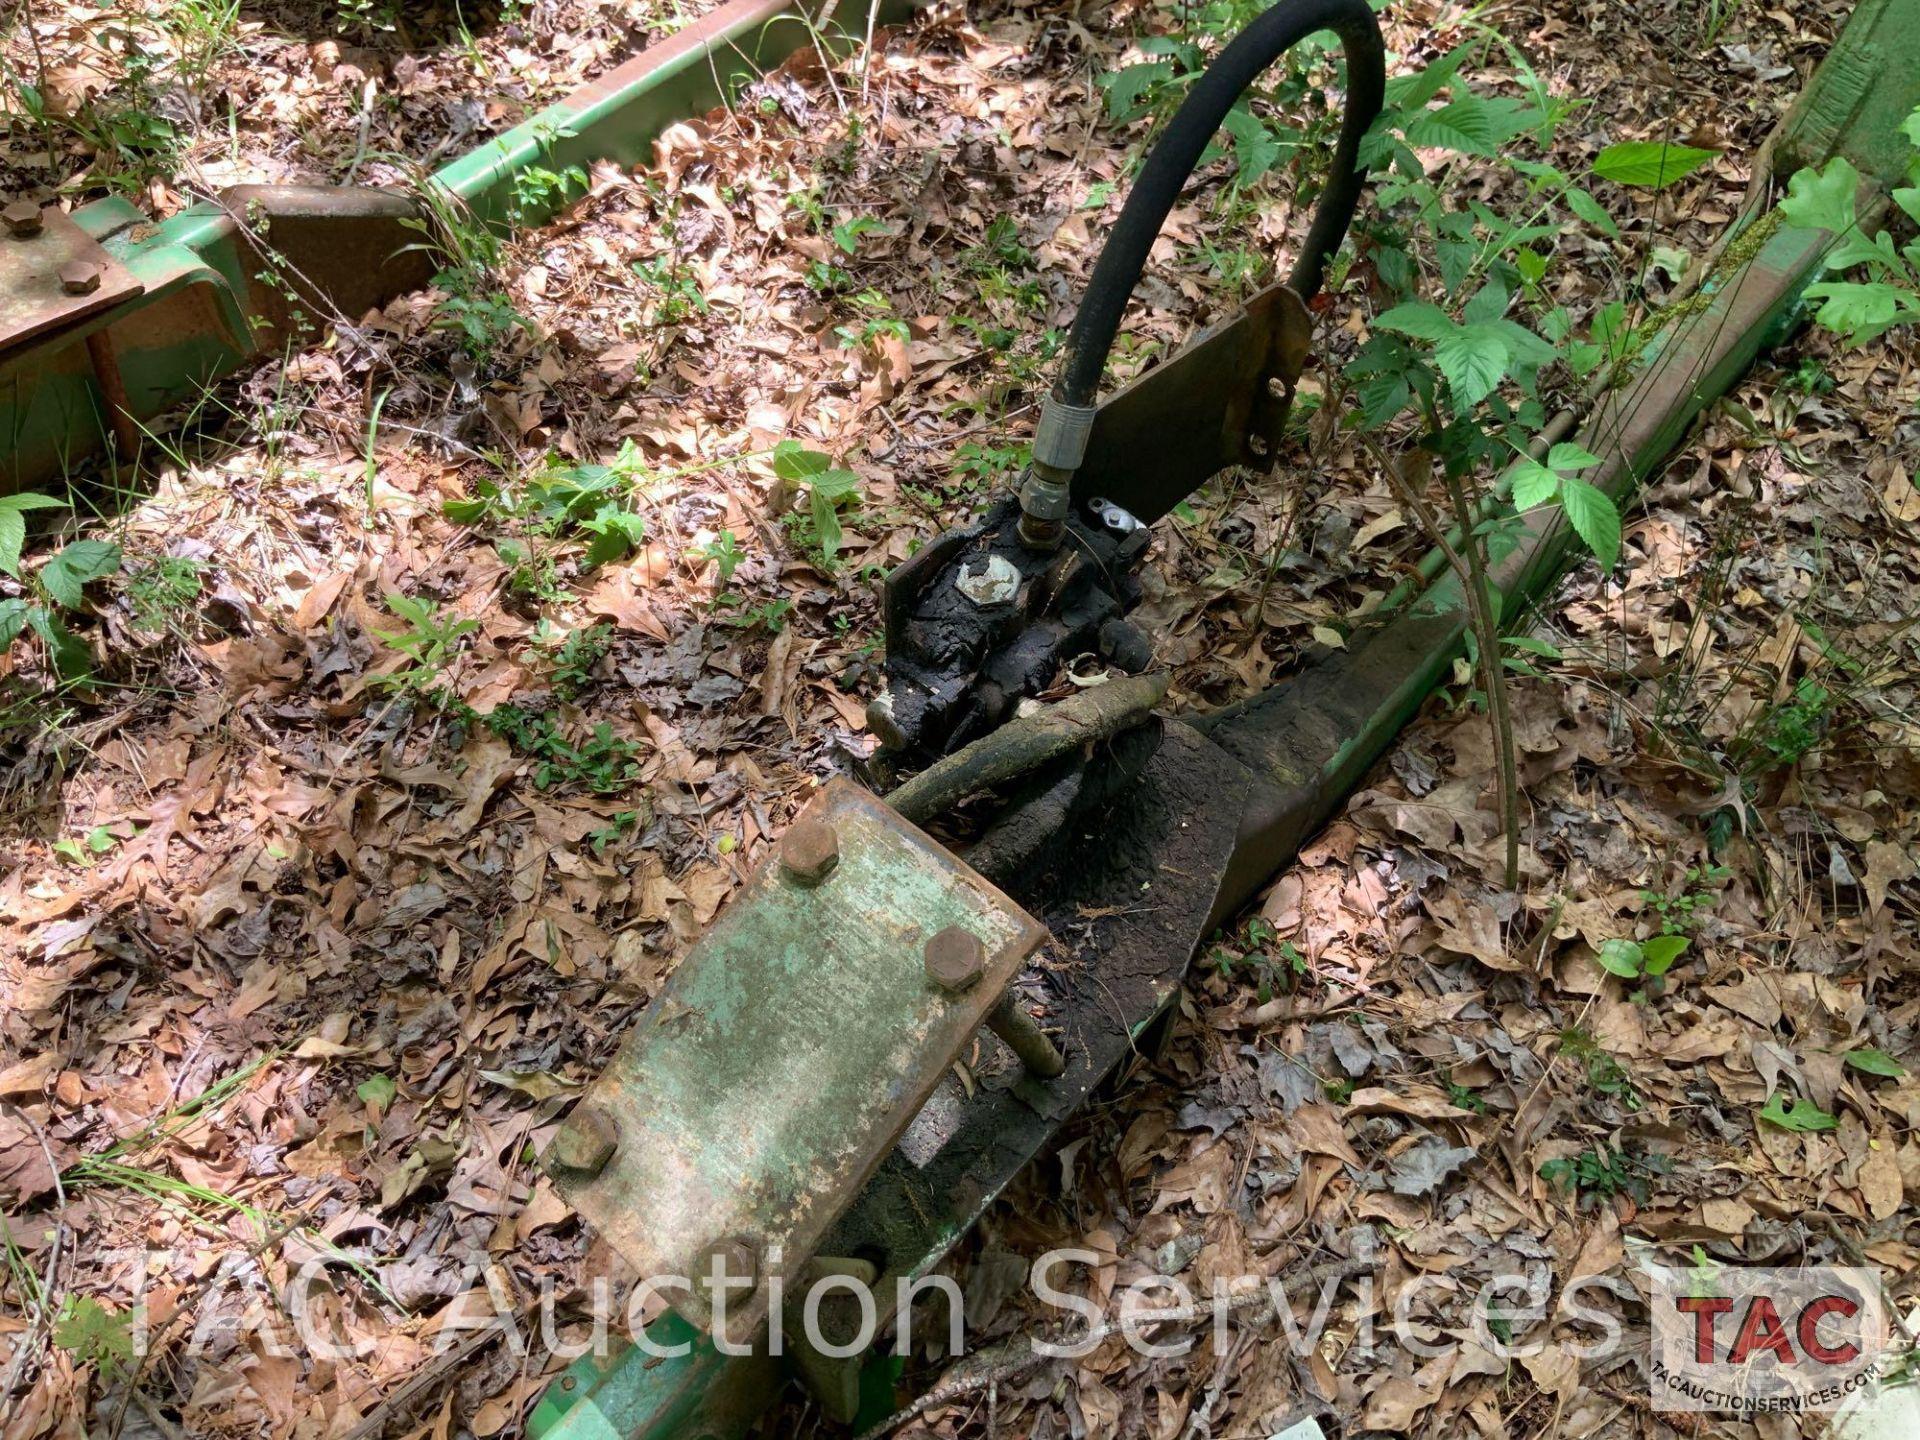 John Deere 4440 Tractor - Image 23 of 31